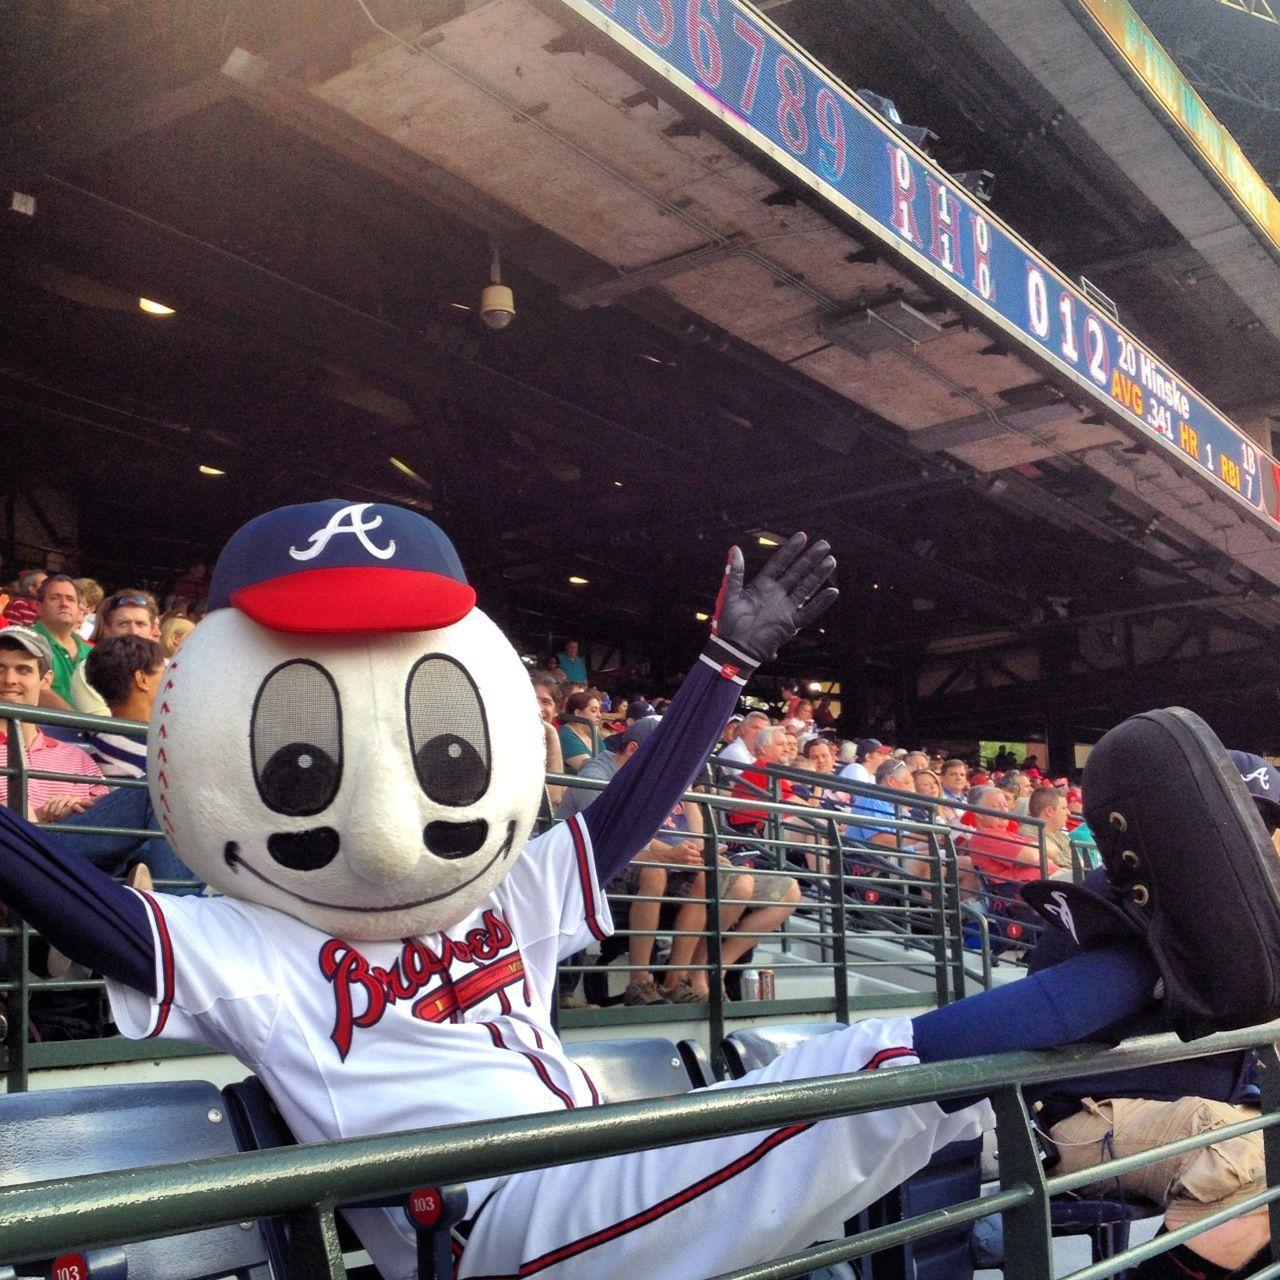 Kicking Back In The Stands Atlanta Braves Game Atlanta Braves Braves